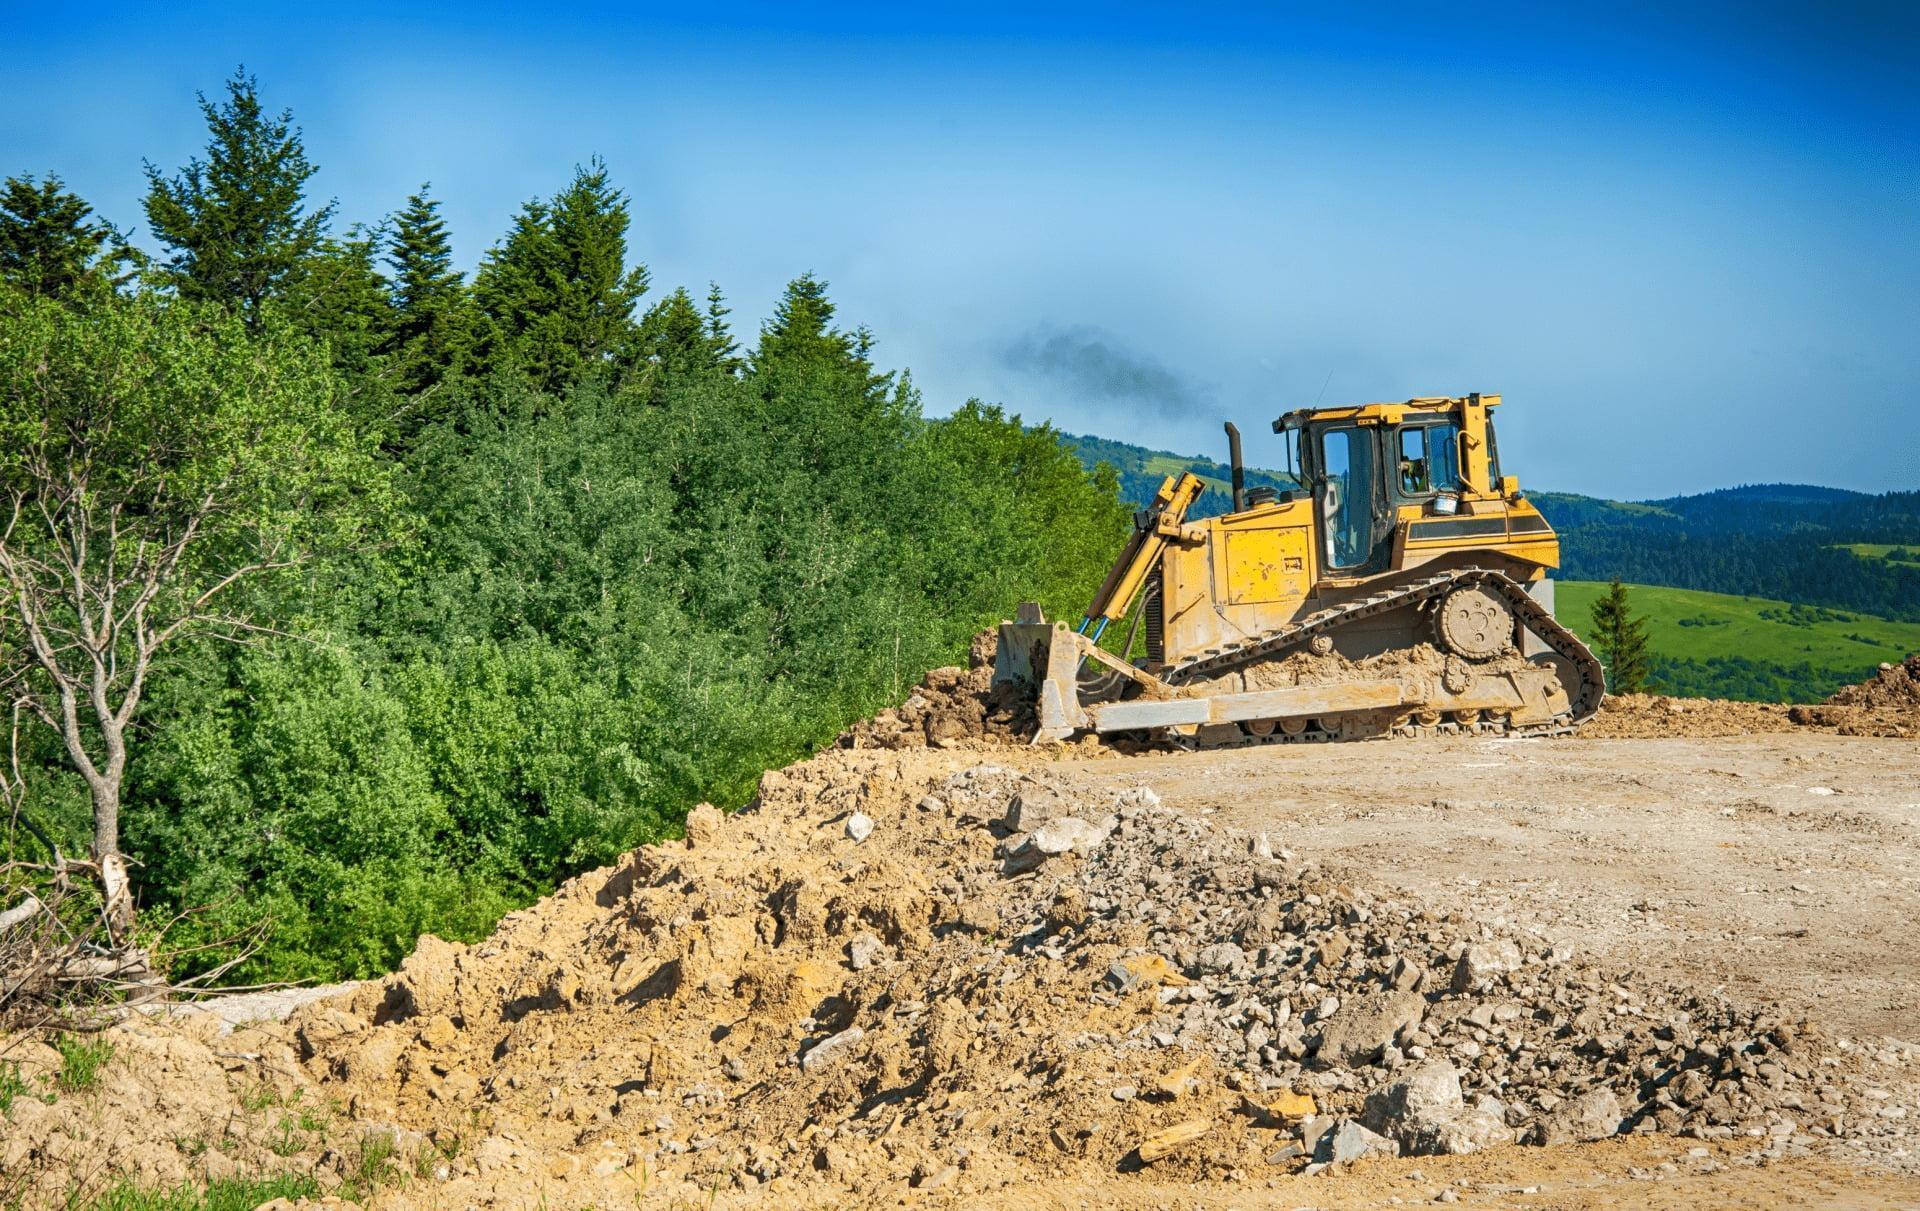 georudeko - geologija, rudarjenje, ekologija, ekosistemske rešitve in urejanje postopka (2)